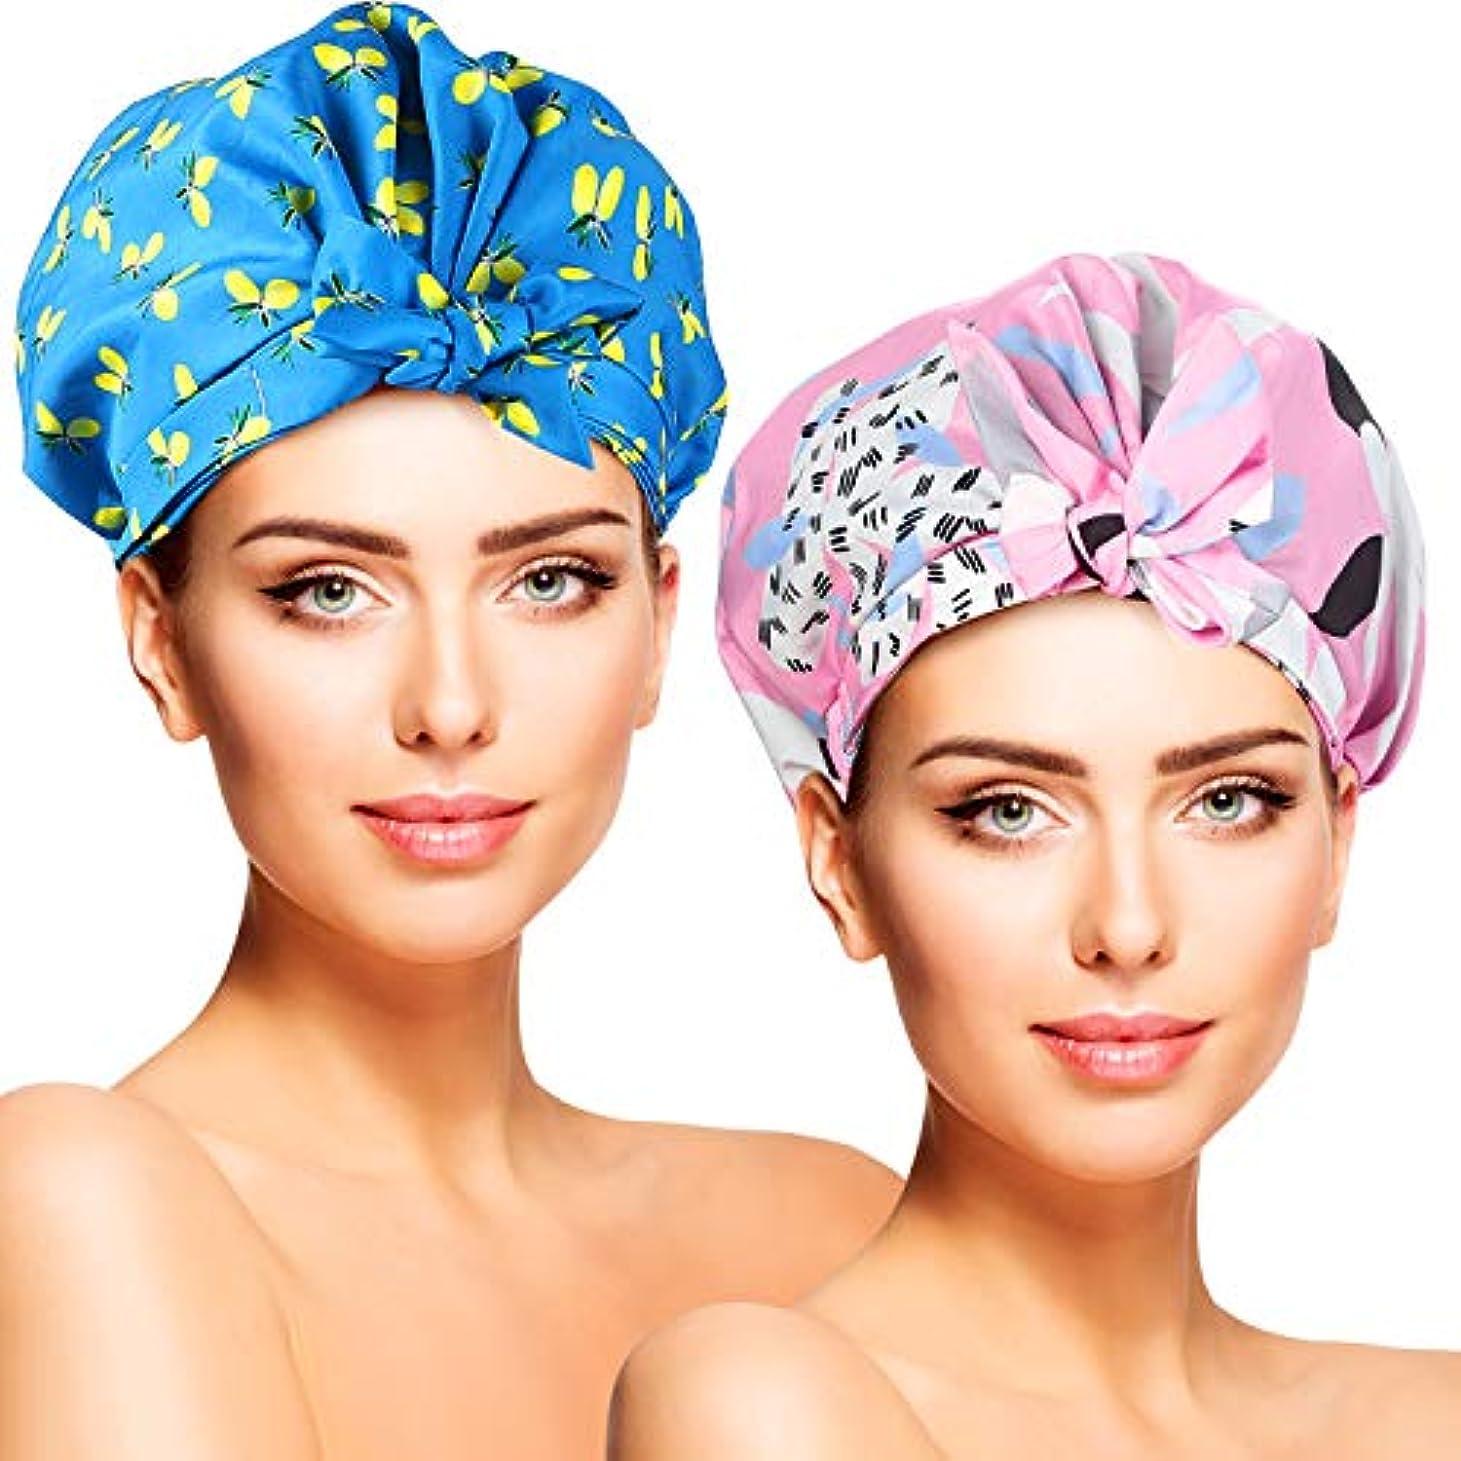 硬さ逆さまに鮮やかなYISUN シャワーキャップ 2枚セット 二重層防水 耐久性 抗菌性 お風呂 シャワー SPA 調理 洗顔用 多機能 実用性 男女兼用